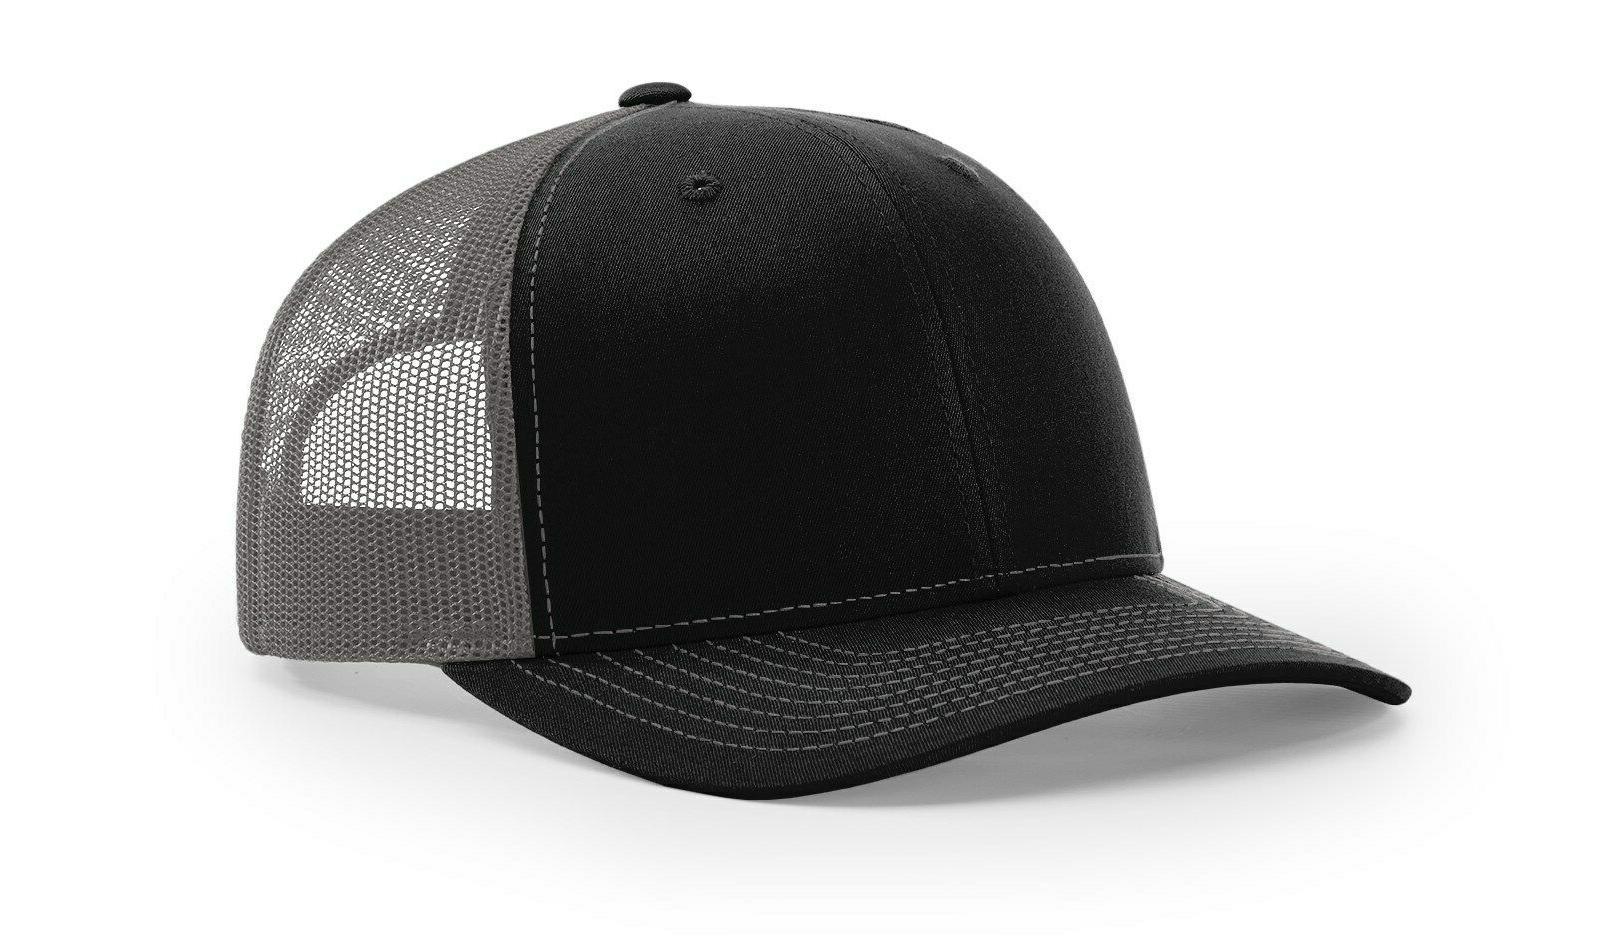 112 trucker ball cap mesh hat adjustable